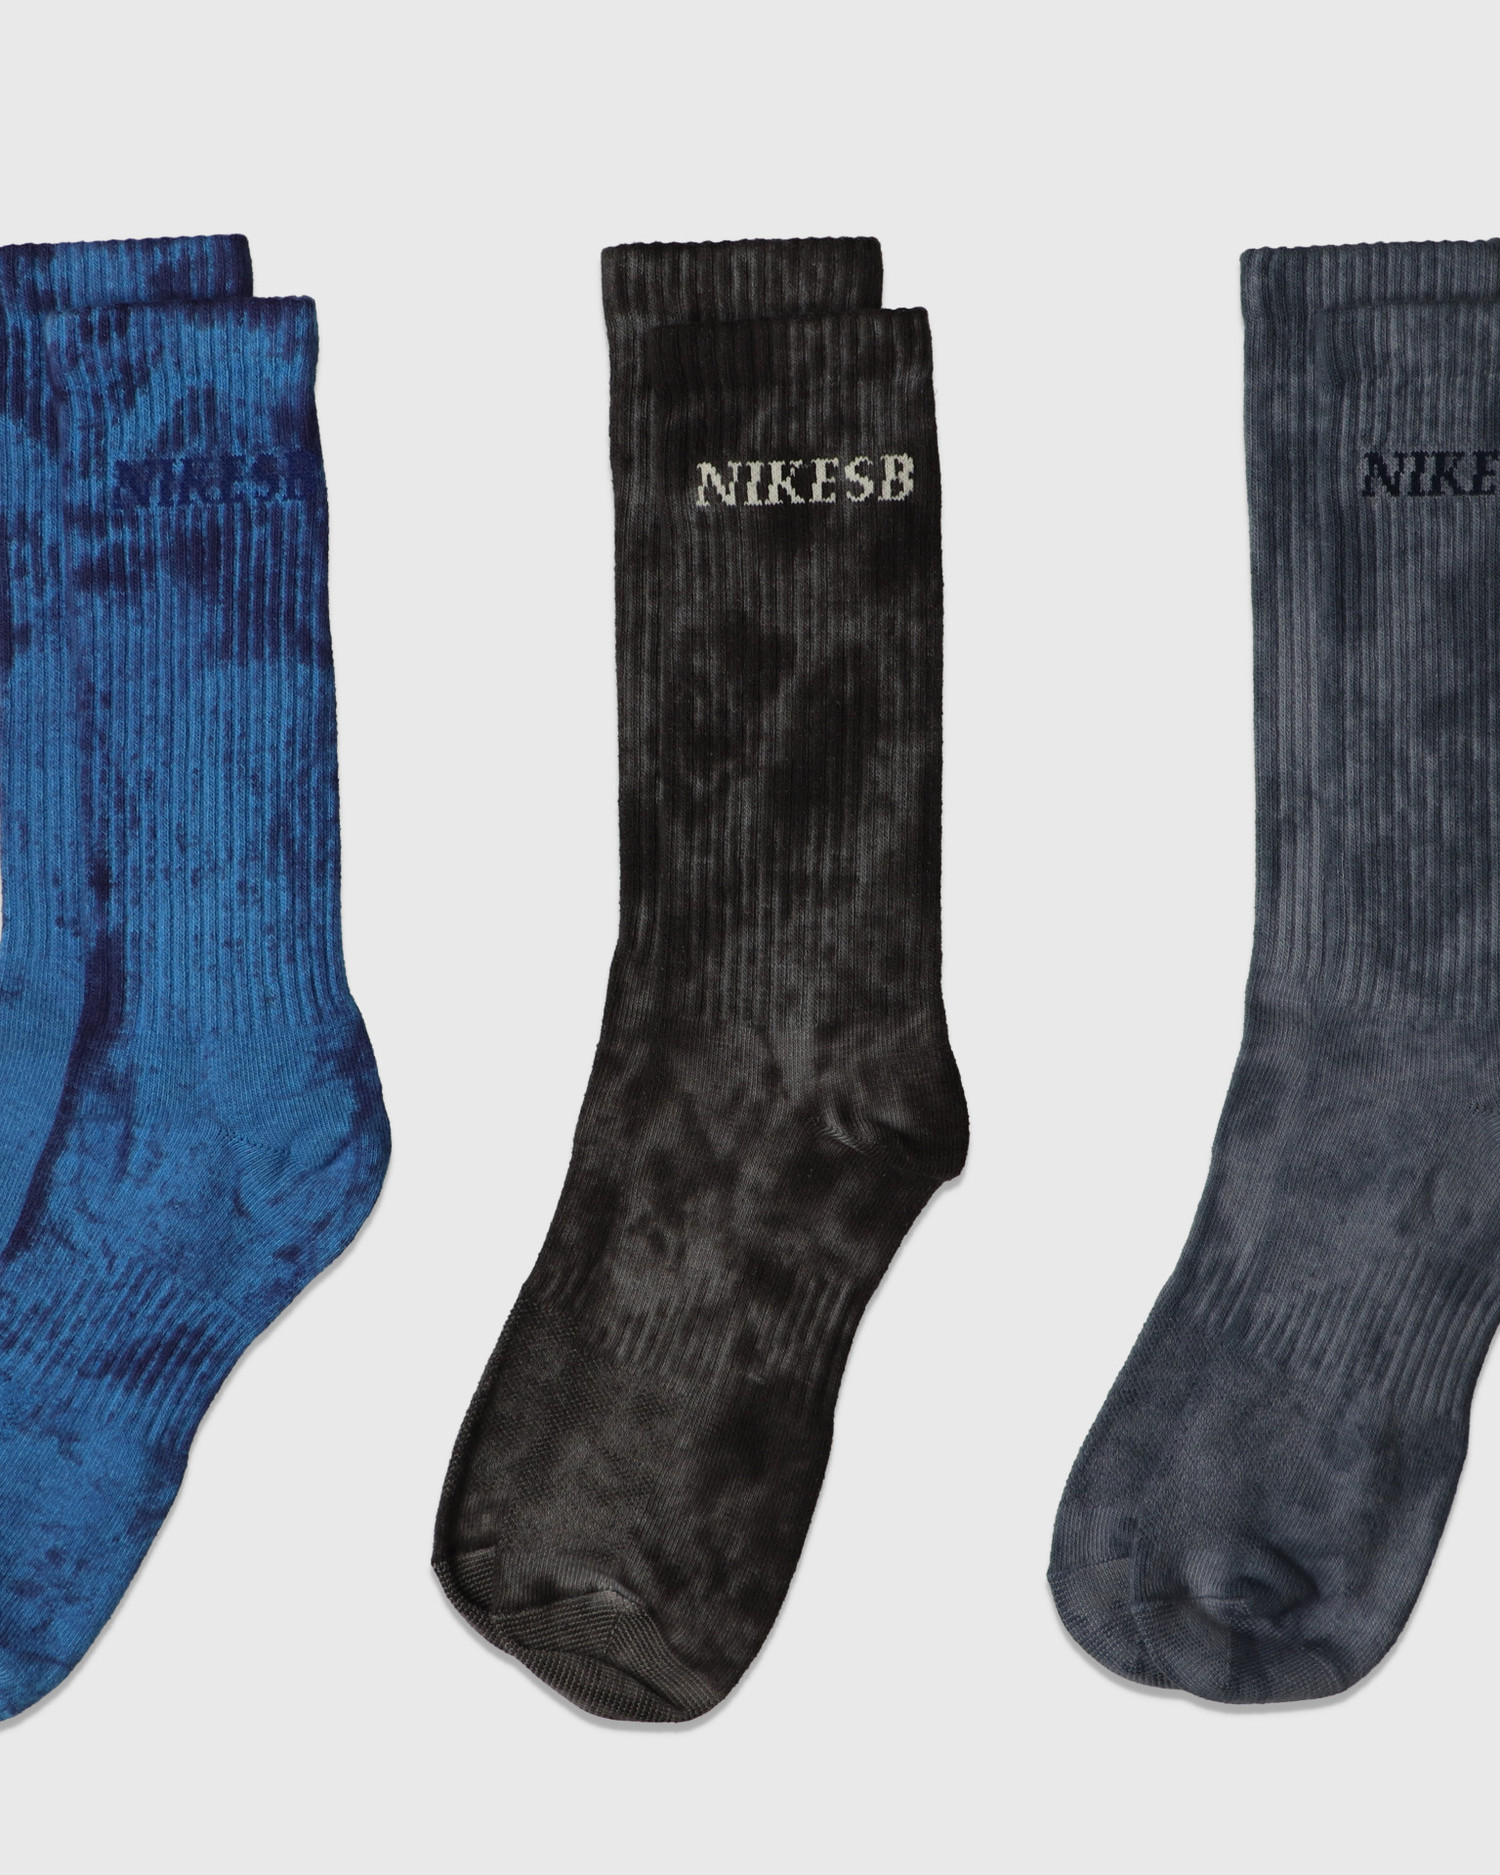 Nike SB Everyday Plus Lightweight Socks Multi Color